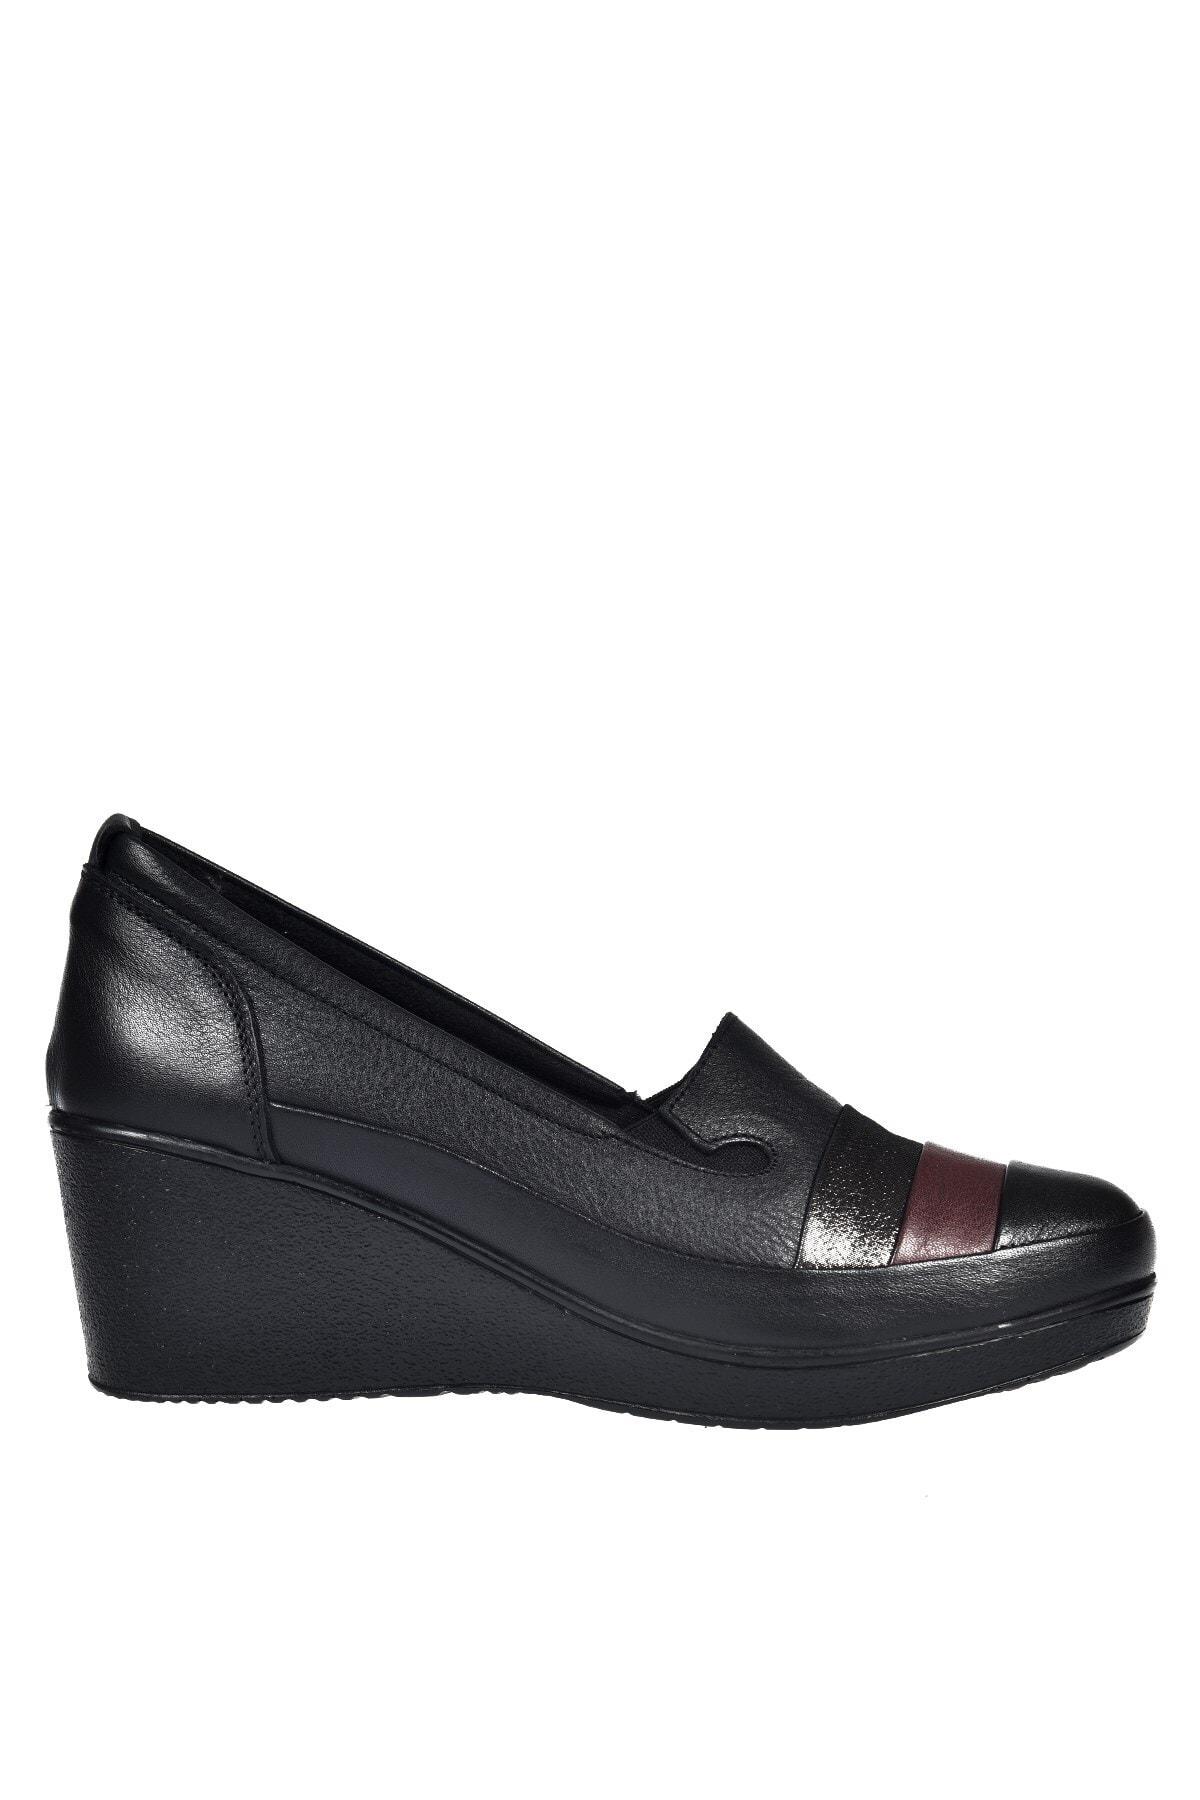 Üçel 2311 Hakiki Deri Kadın Ayakkabı Siyah Garni